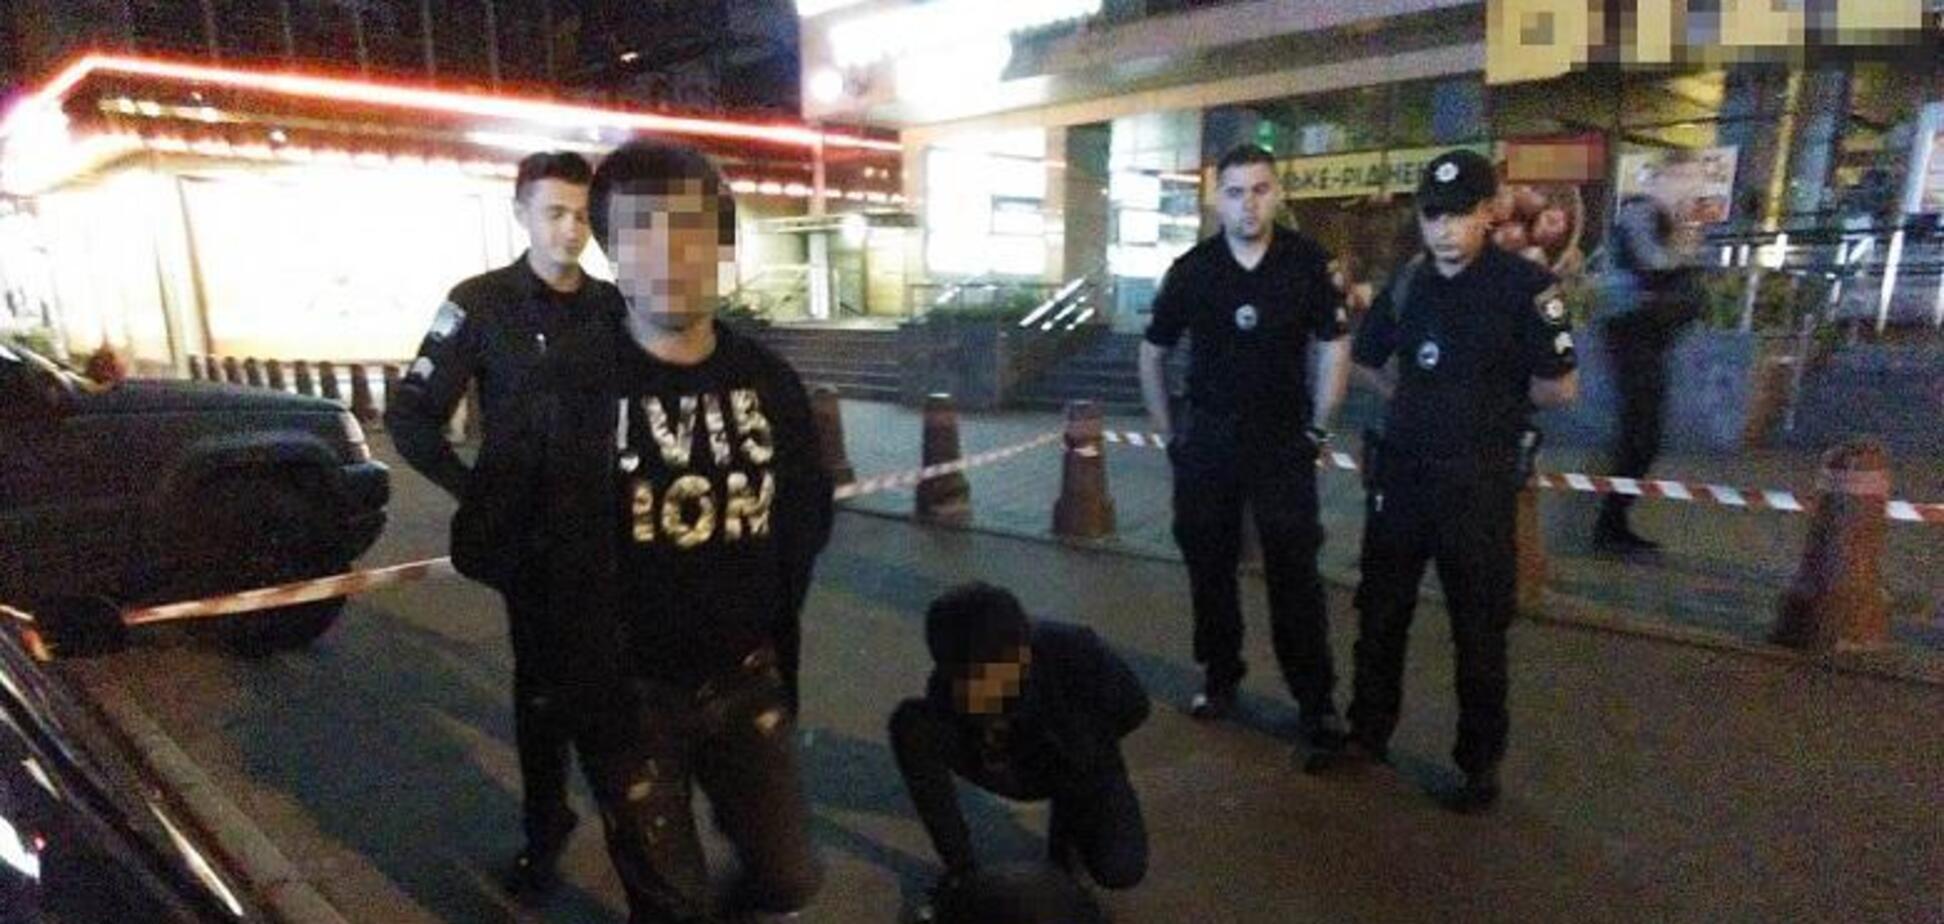 В кафе Киева произошла кровавая драка со стрельбой: выяснились новые подробности